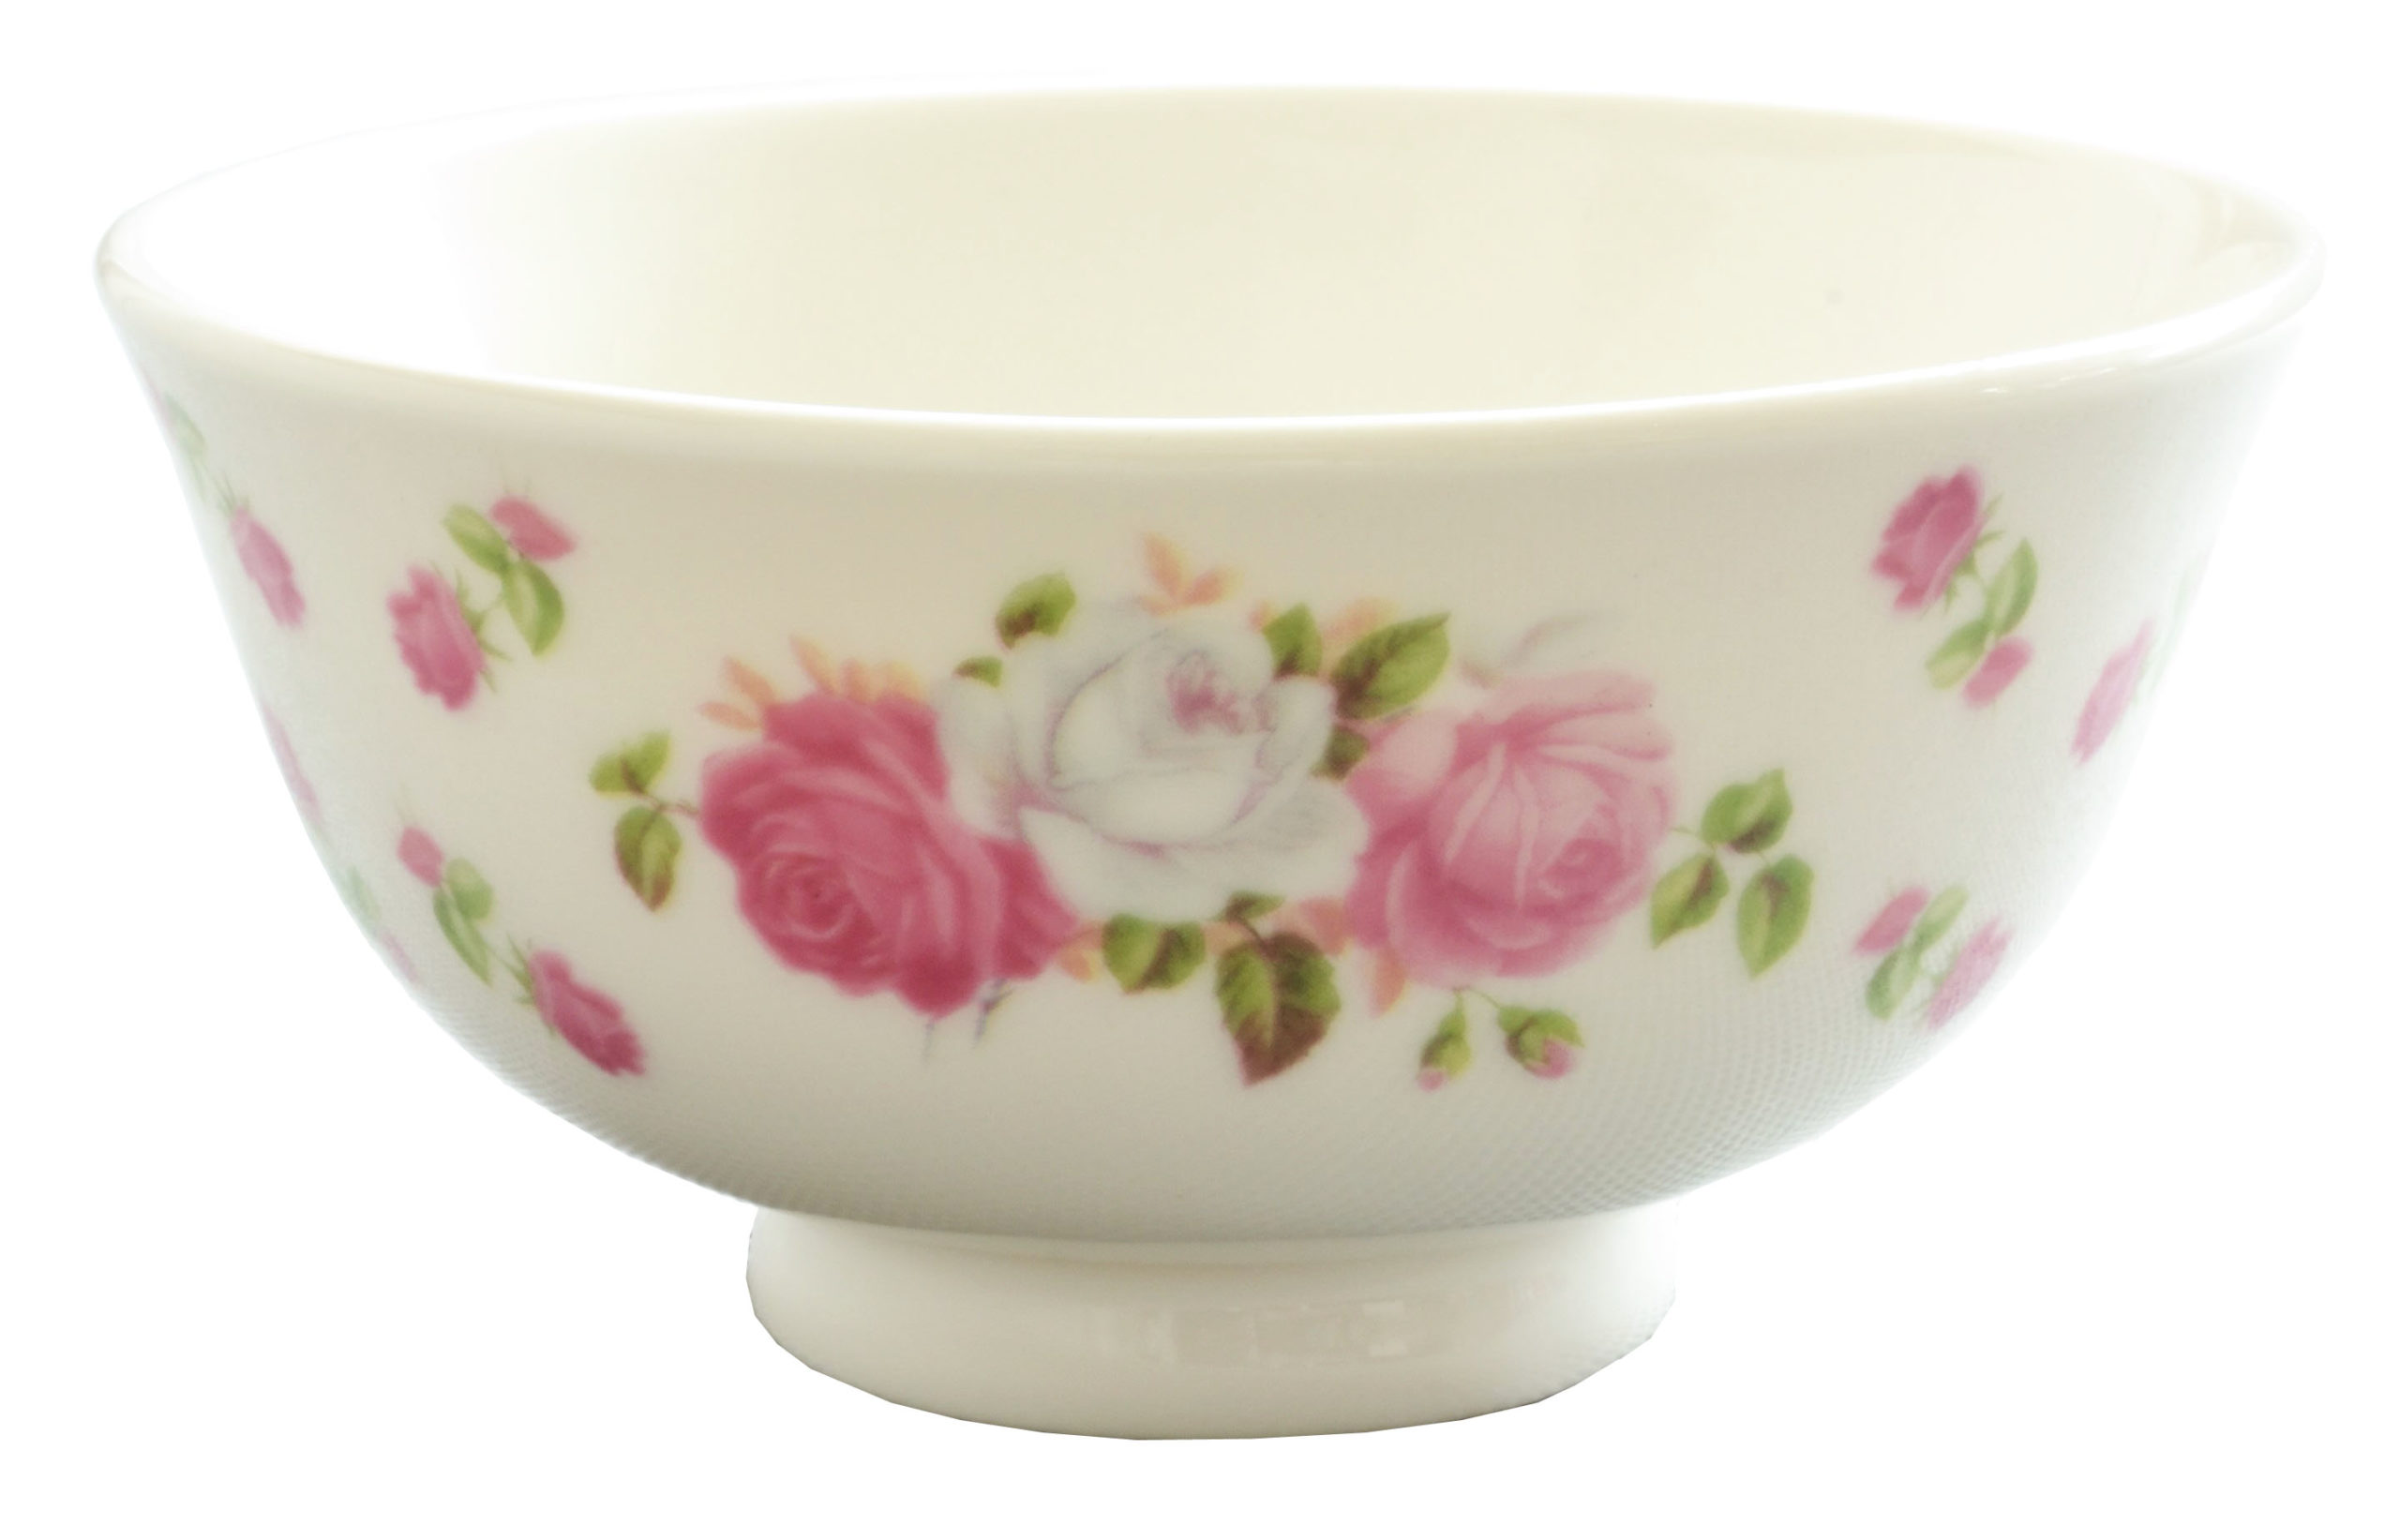 【ロイヤルアーデン】 お茶碗 イングランドローズ <br>No.37510